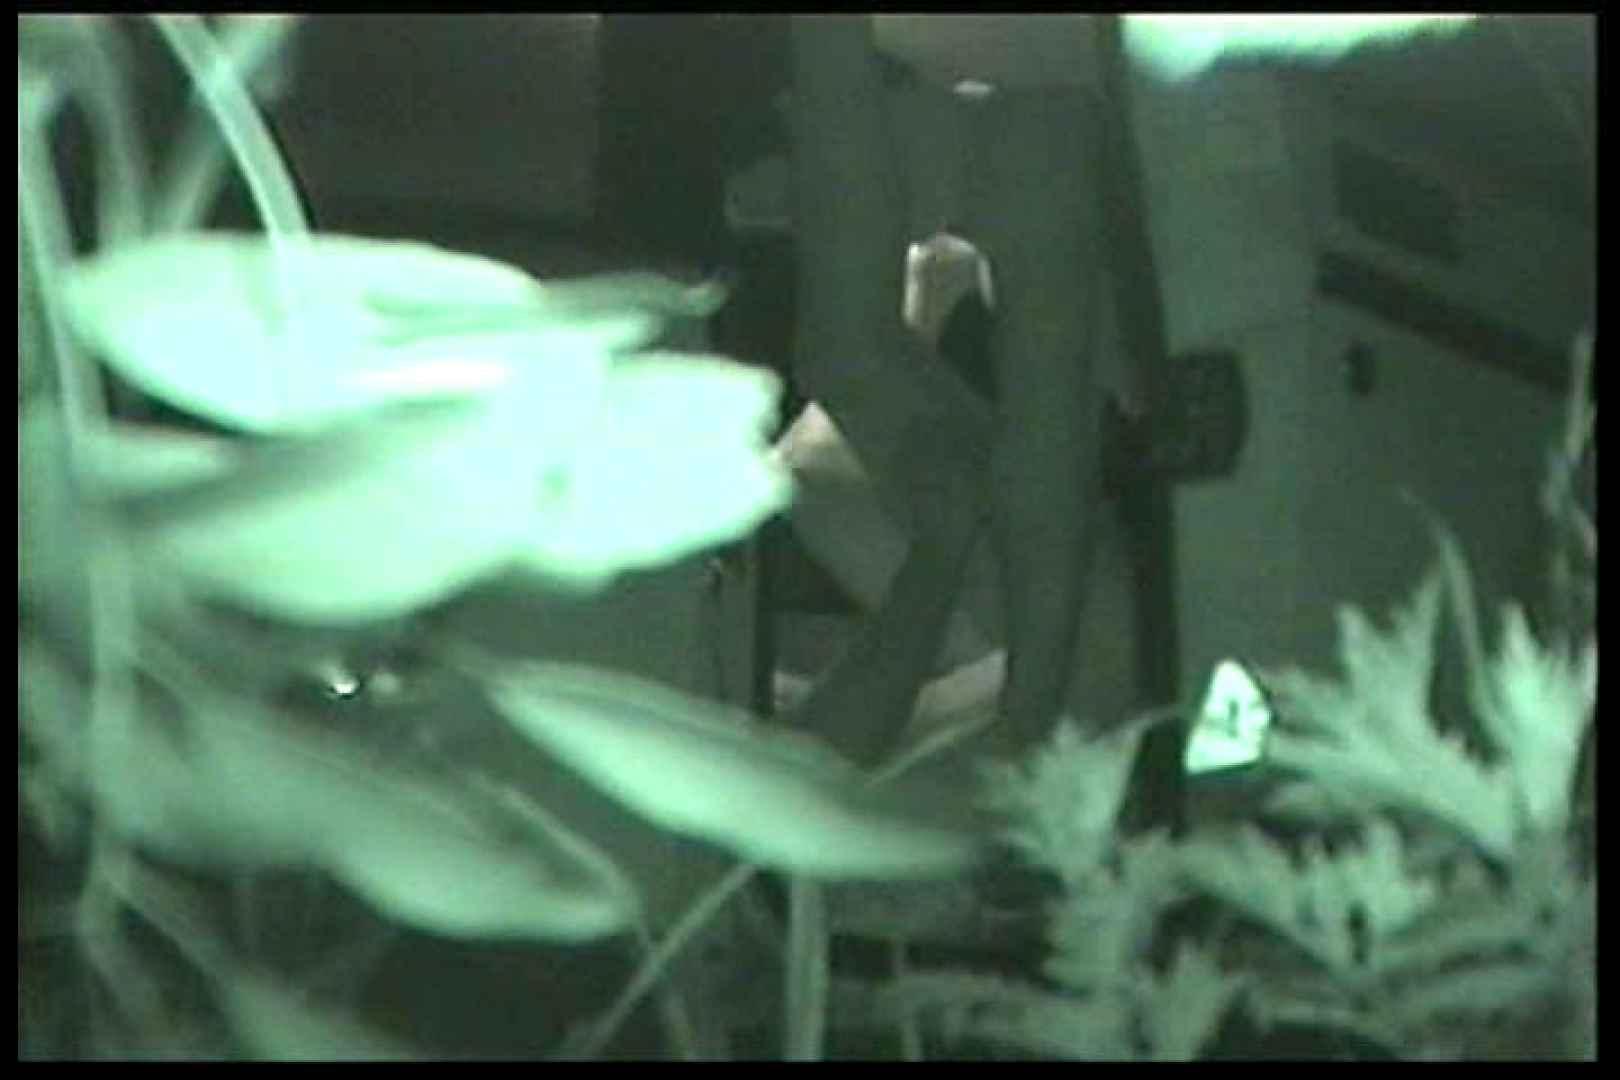 車の中はラブホテル 無修正版  Vol.15 ラブホテル隠し撮り 盗撮動画紹介 77pic 41